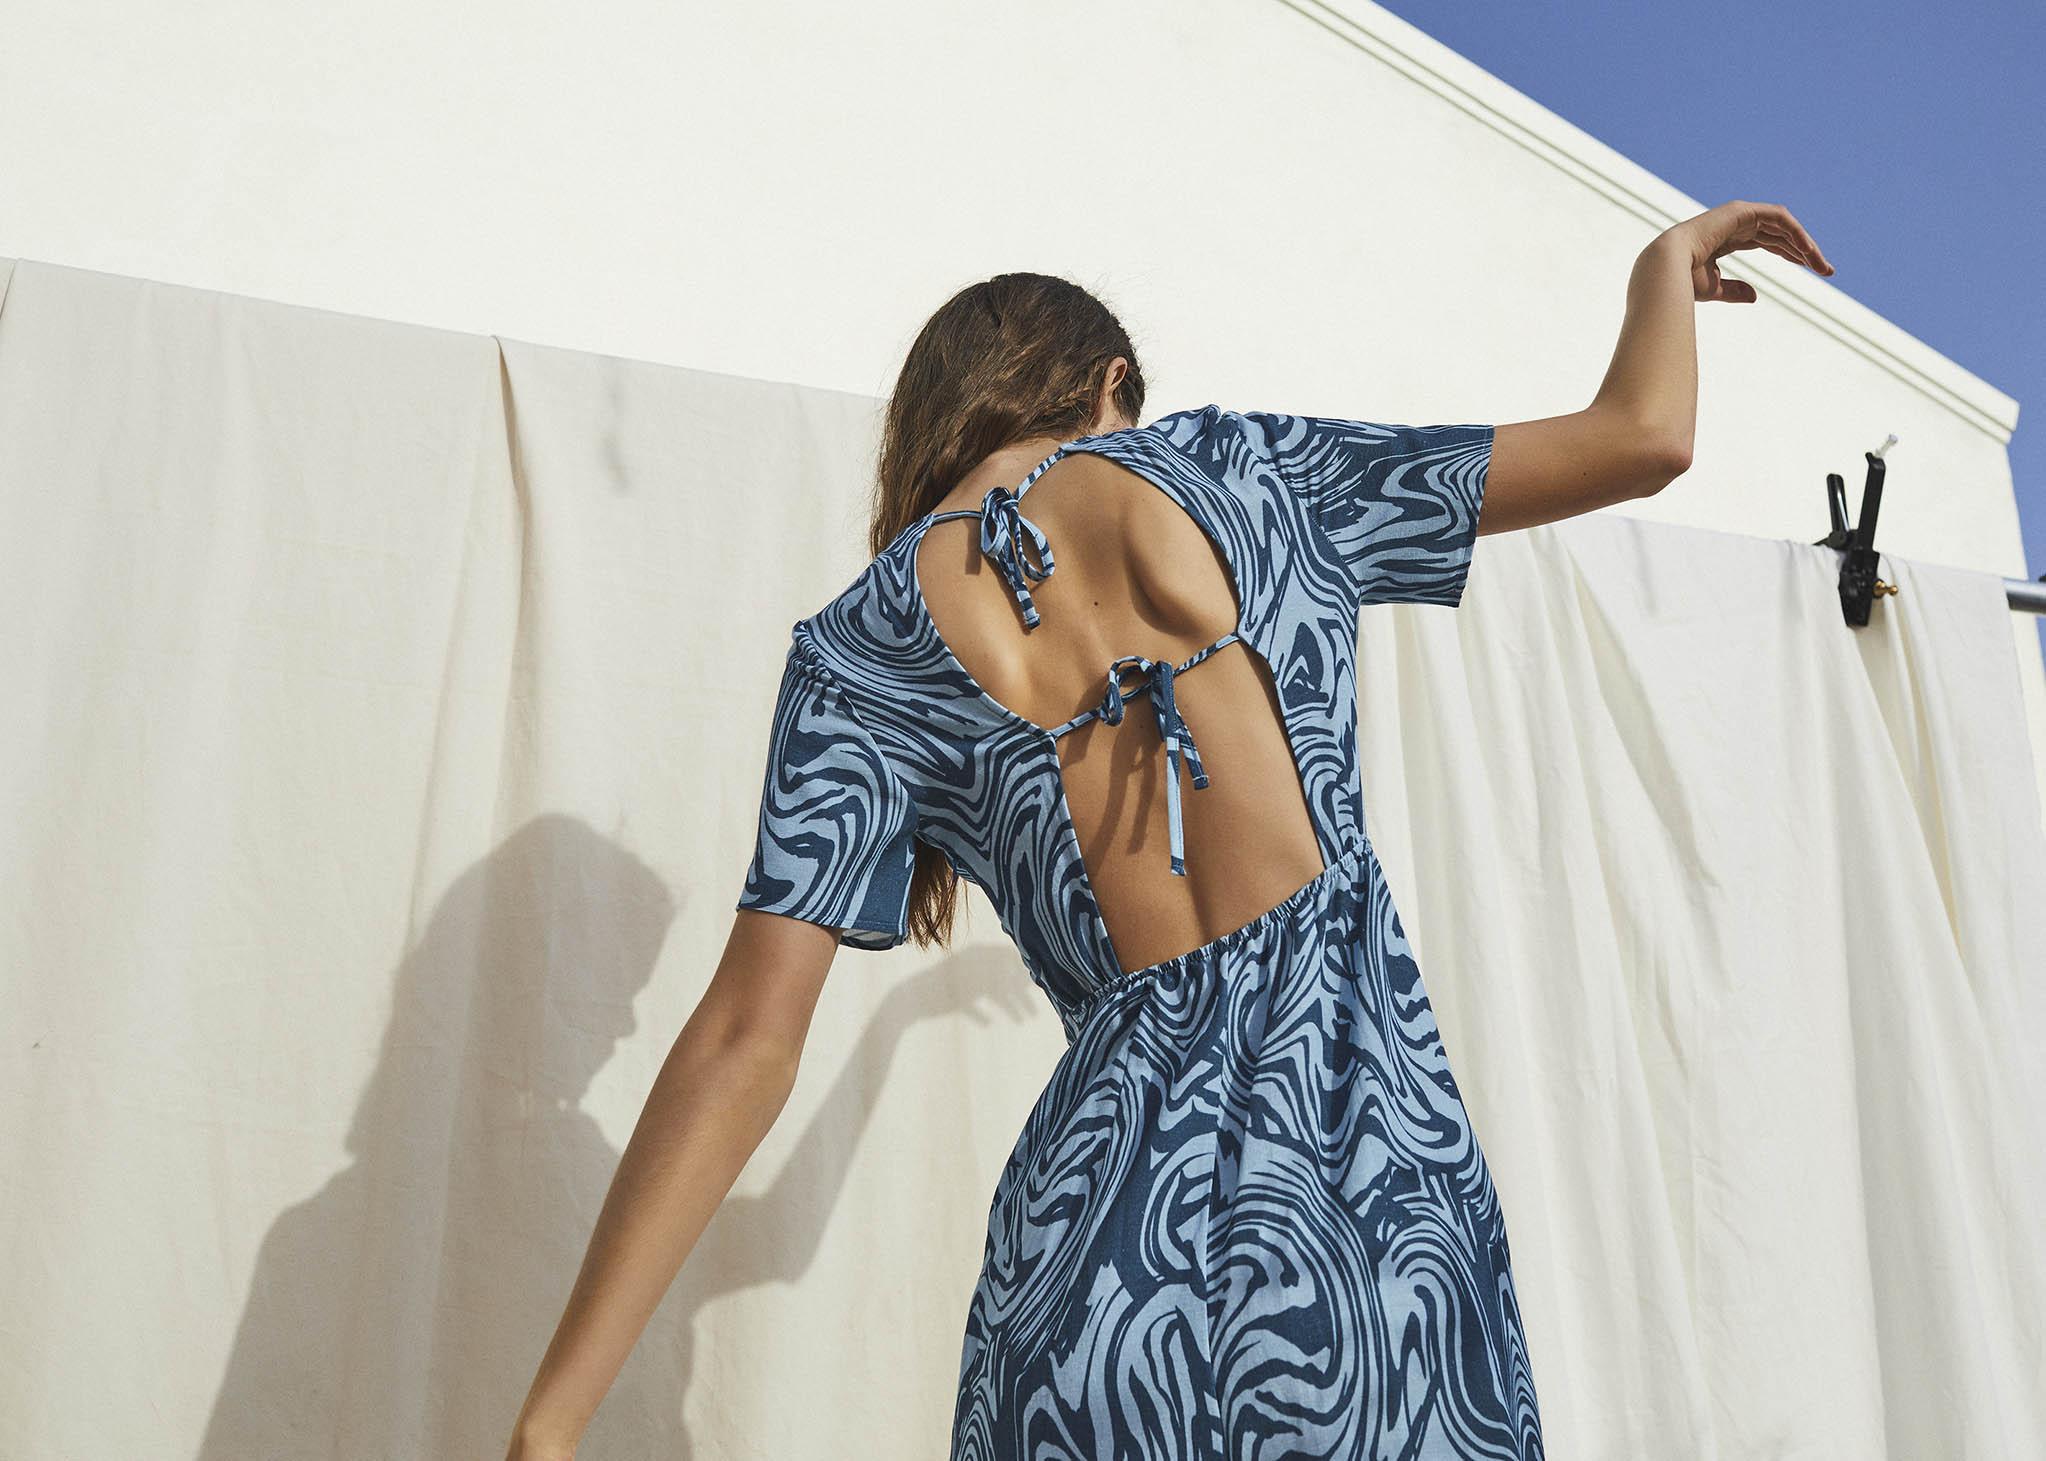 Stradivarius fotografía comercial chica con vestido azul